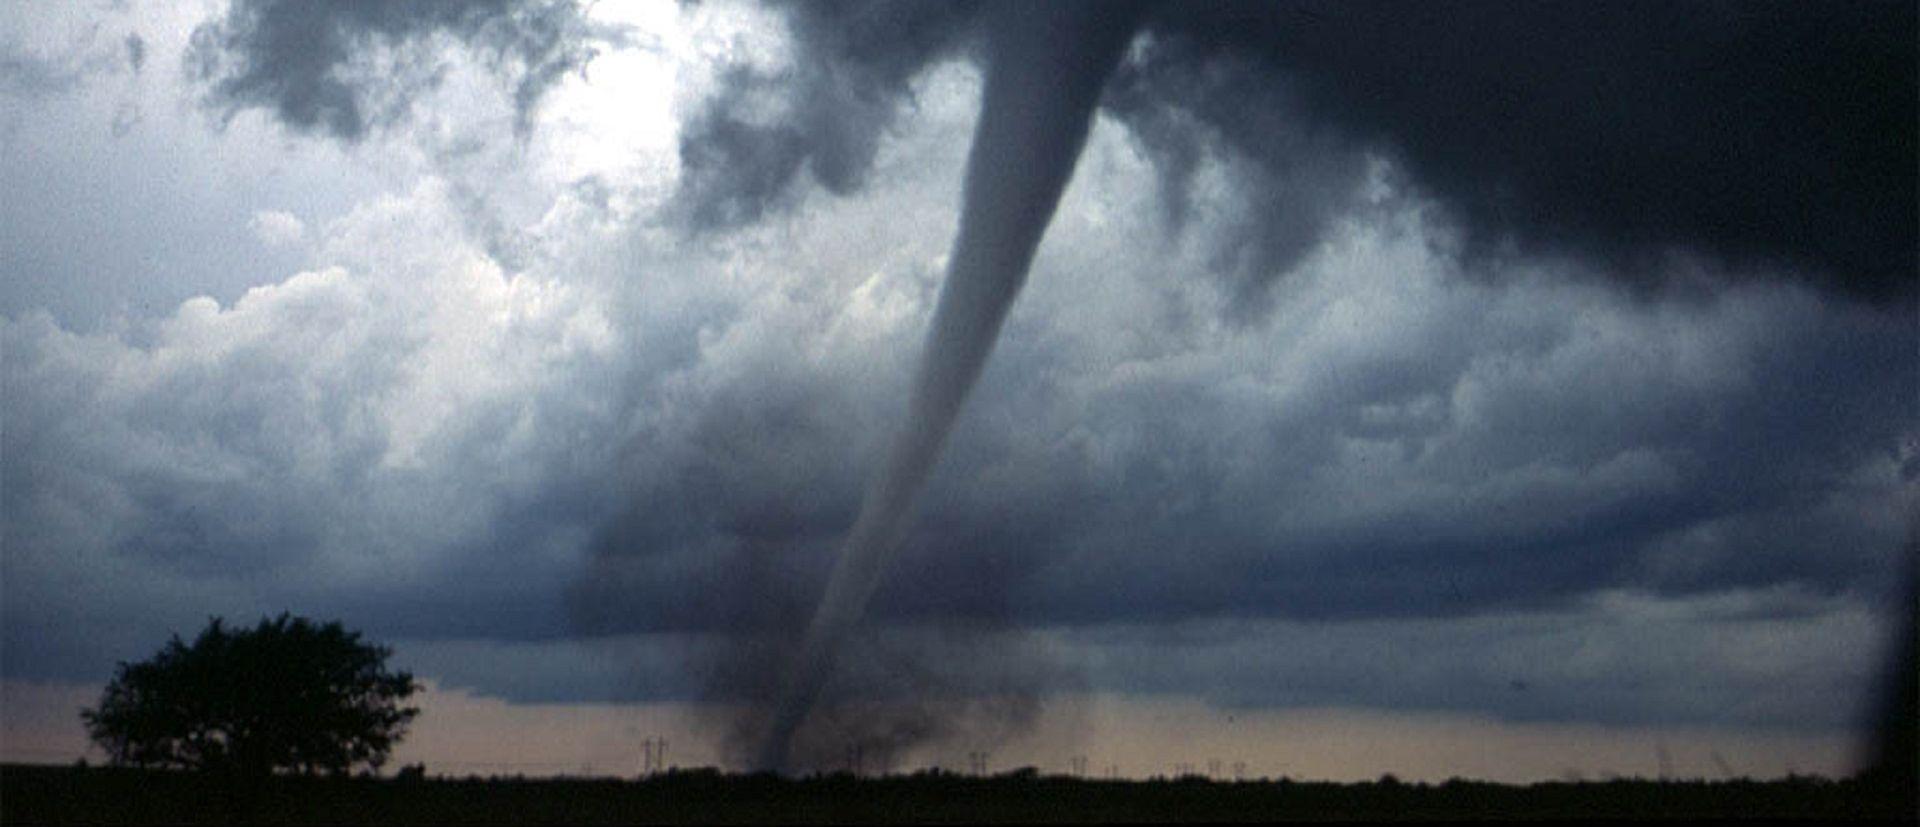 NEMA ŽRTAVA Tornado razarao kuće u središnjoj Indiani